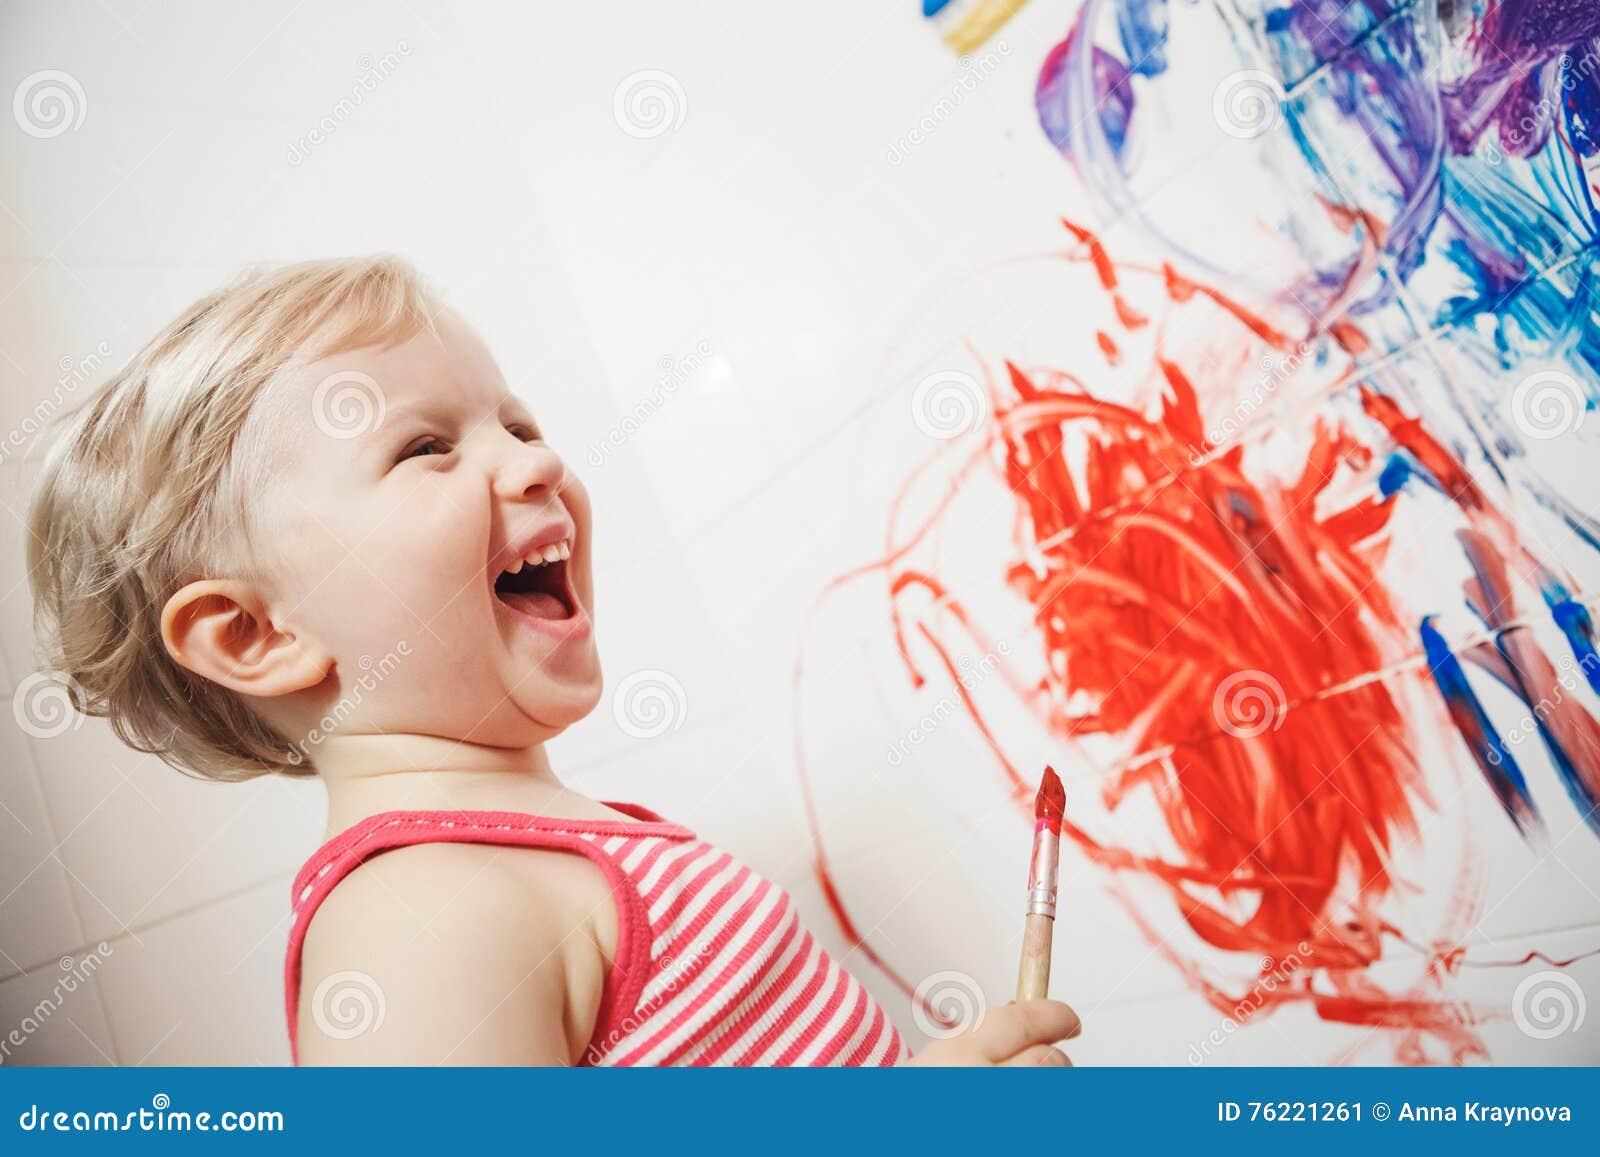 Retrato da menina caucasiano branca adorável bonito do rapaz pequeno que joga e que pinta com pinturas na parede no banheiro